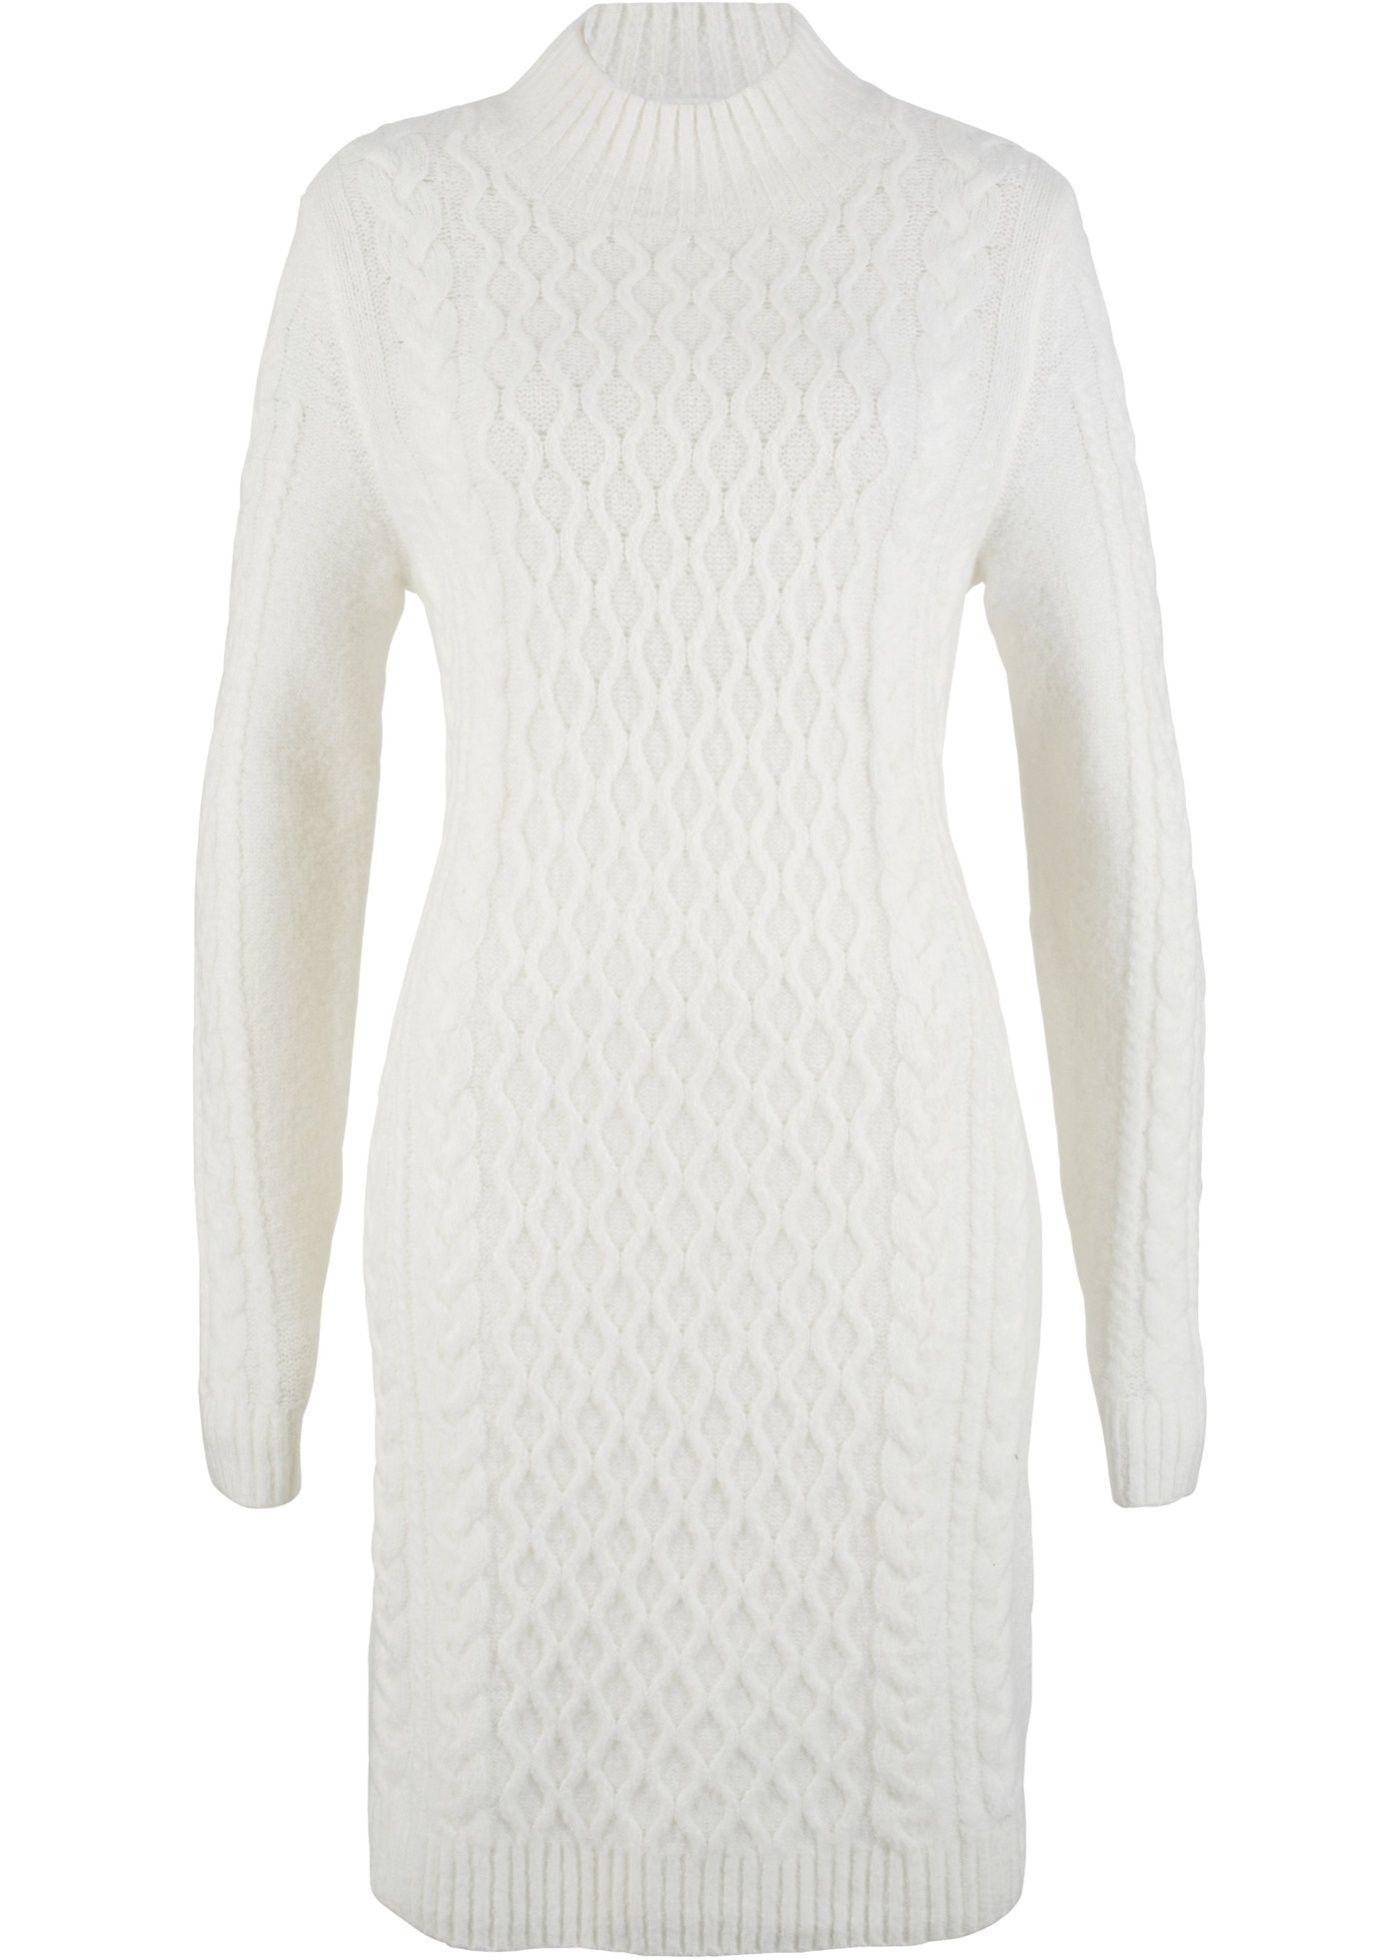 4121540e7e2e Pletené šaty přírodní bílá - koupit online - bonprix.cz Celková délka ve  vel.